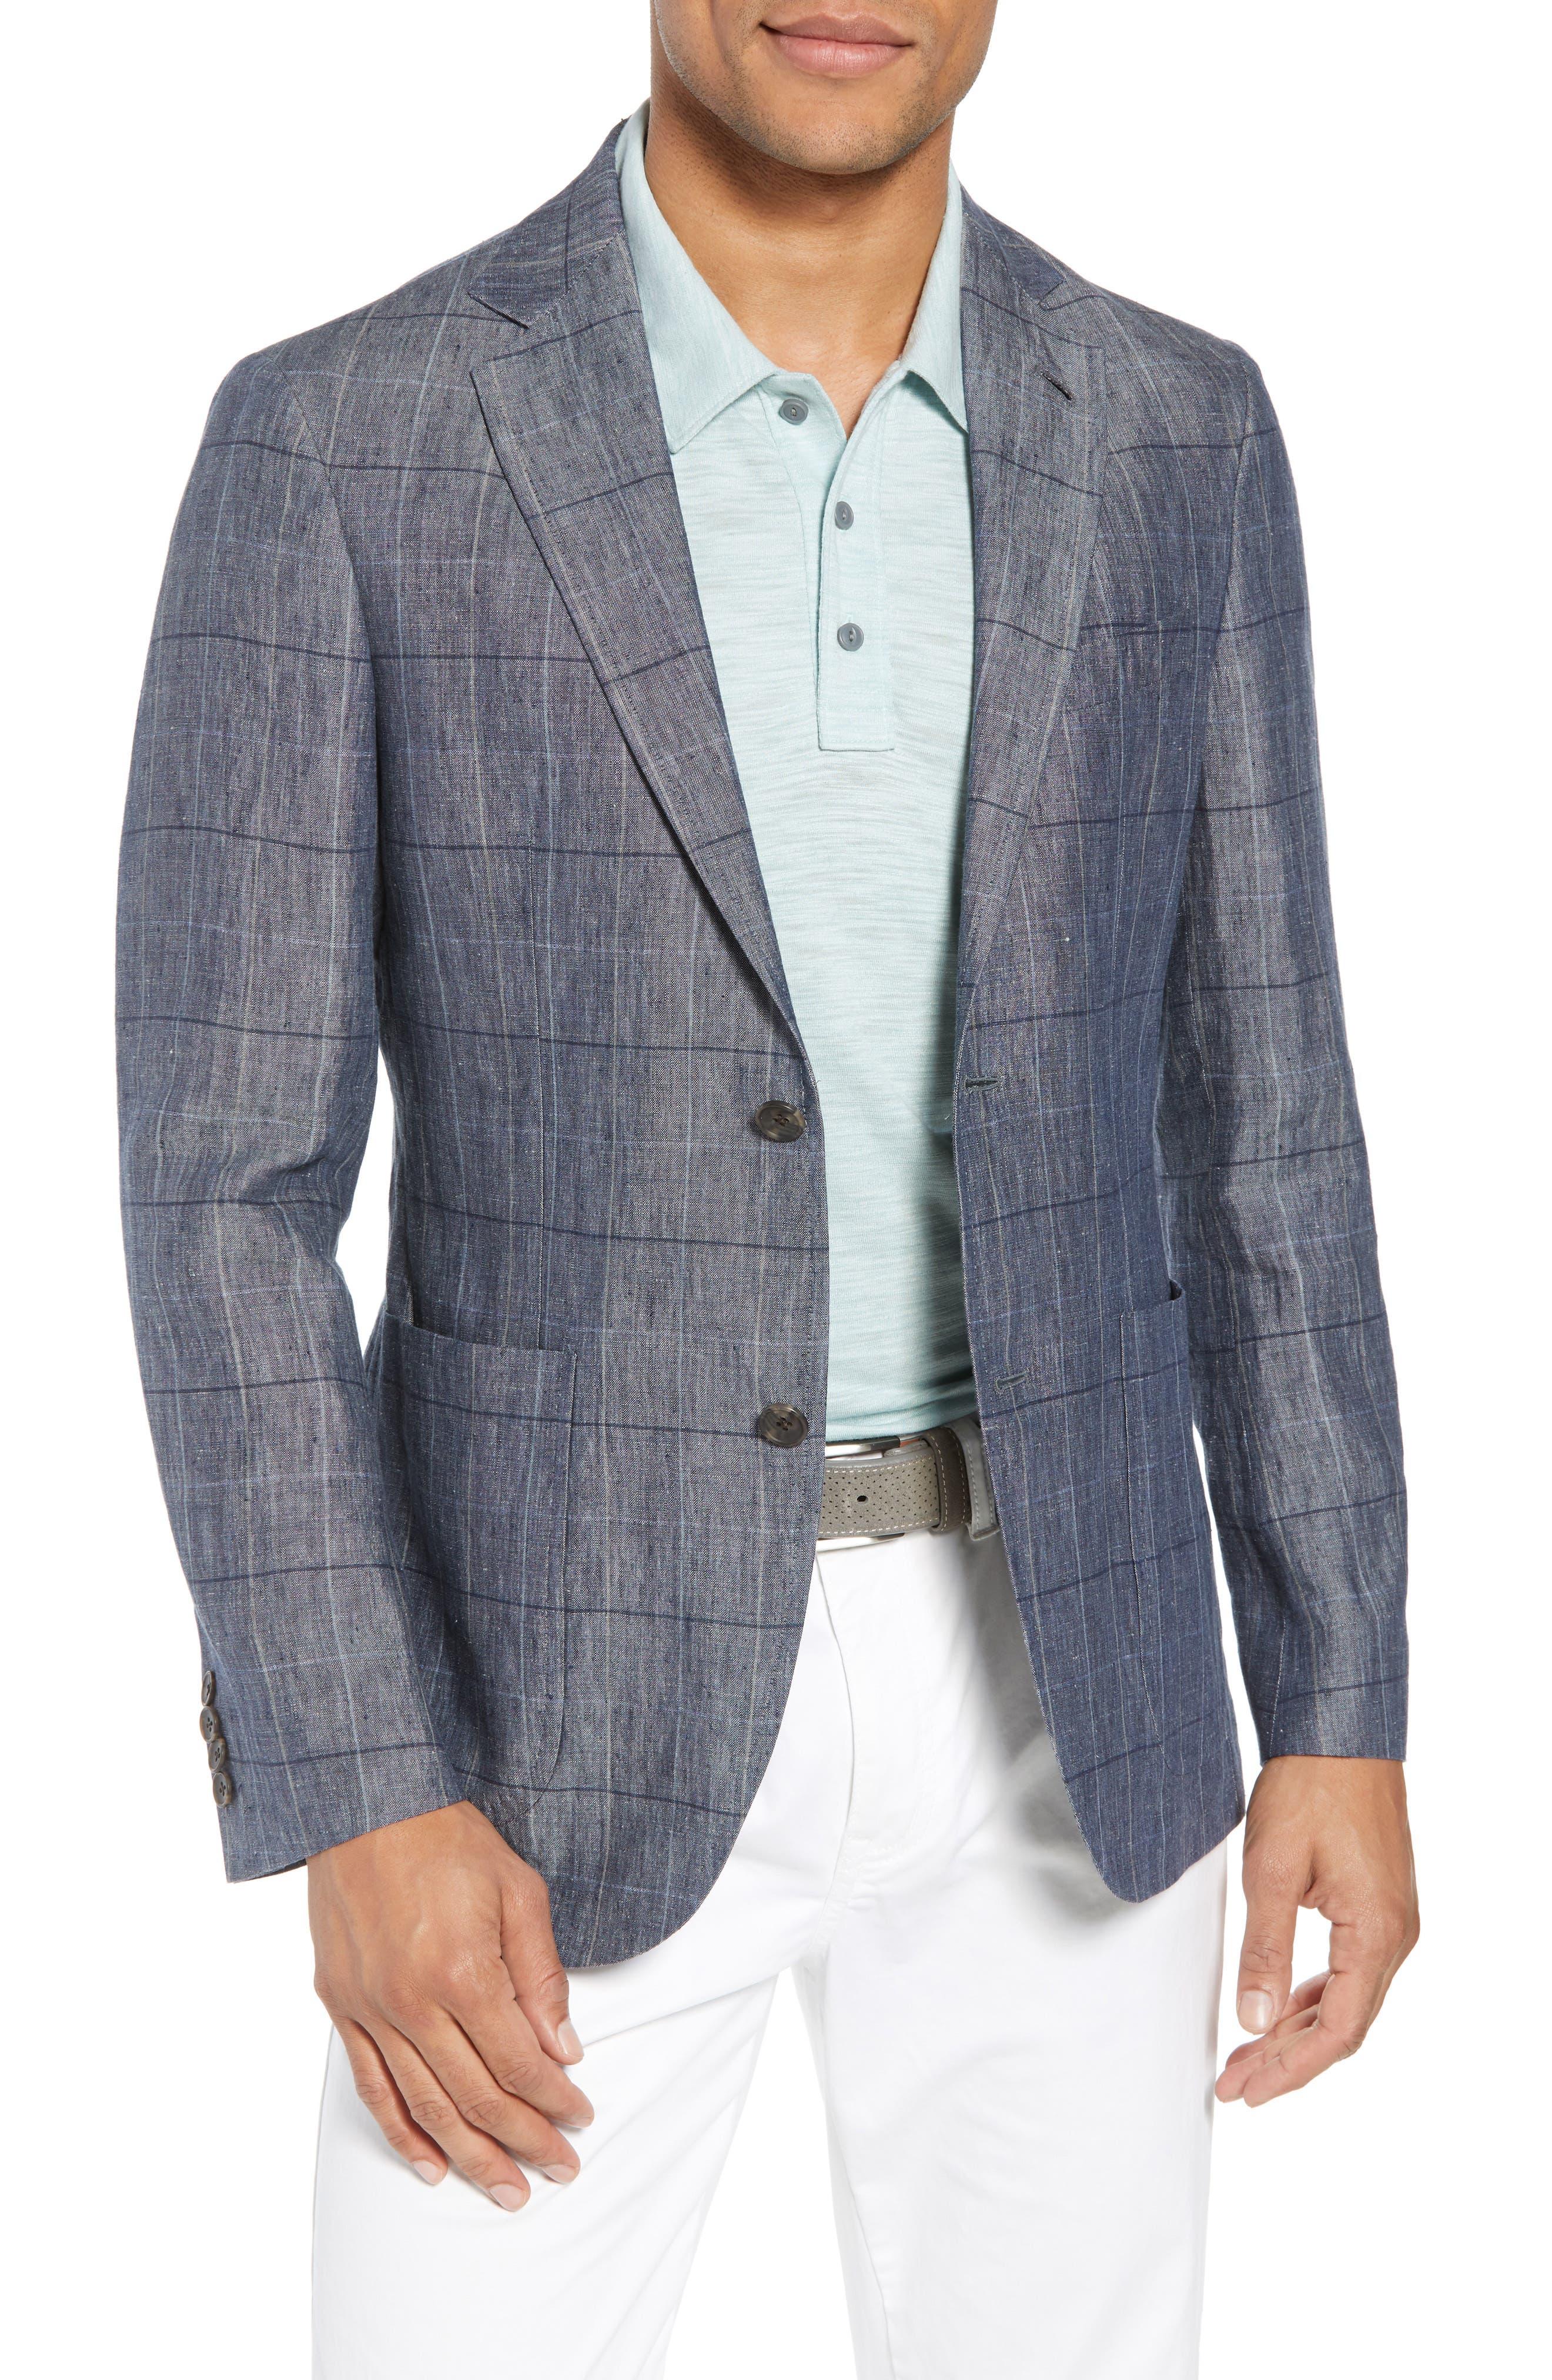 Vantage Trim Fit Windowpane Linen Sport Coat,                             Main thumbnail 1, color,                             Blue Graphite